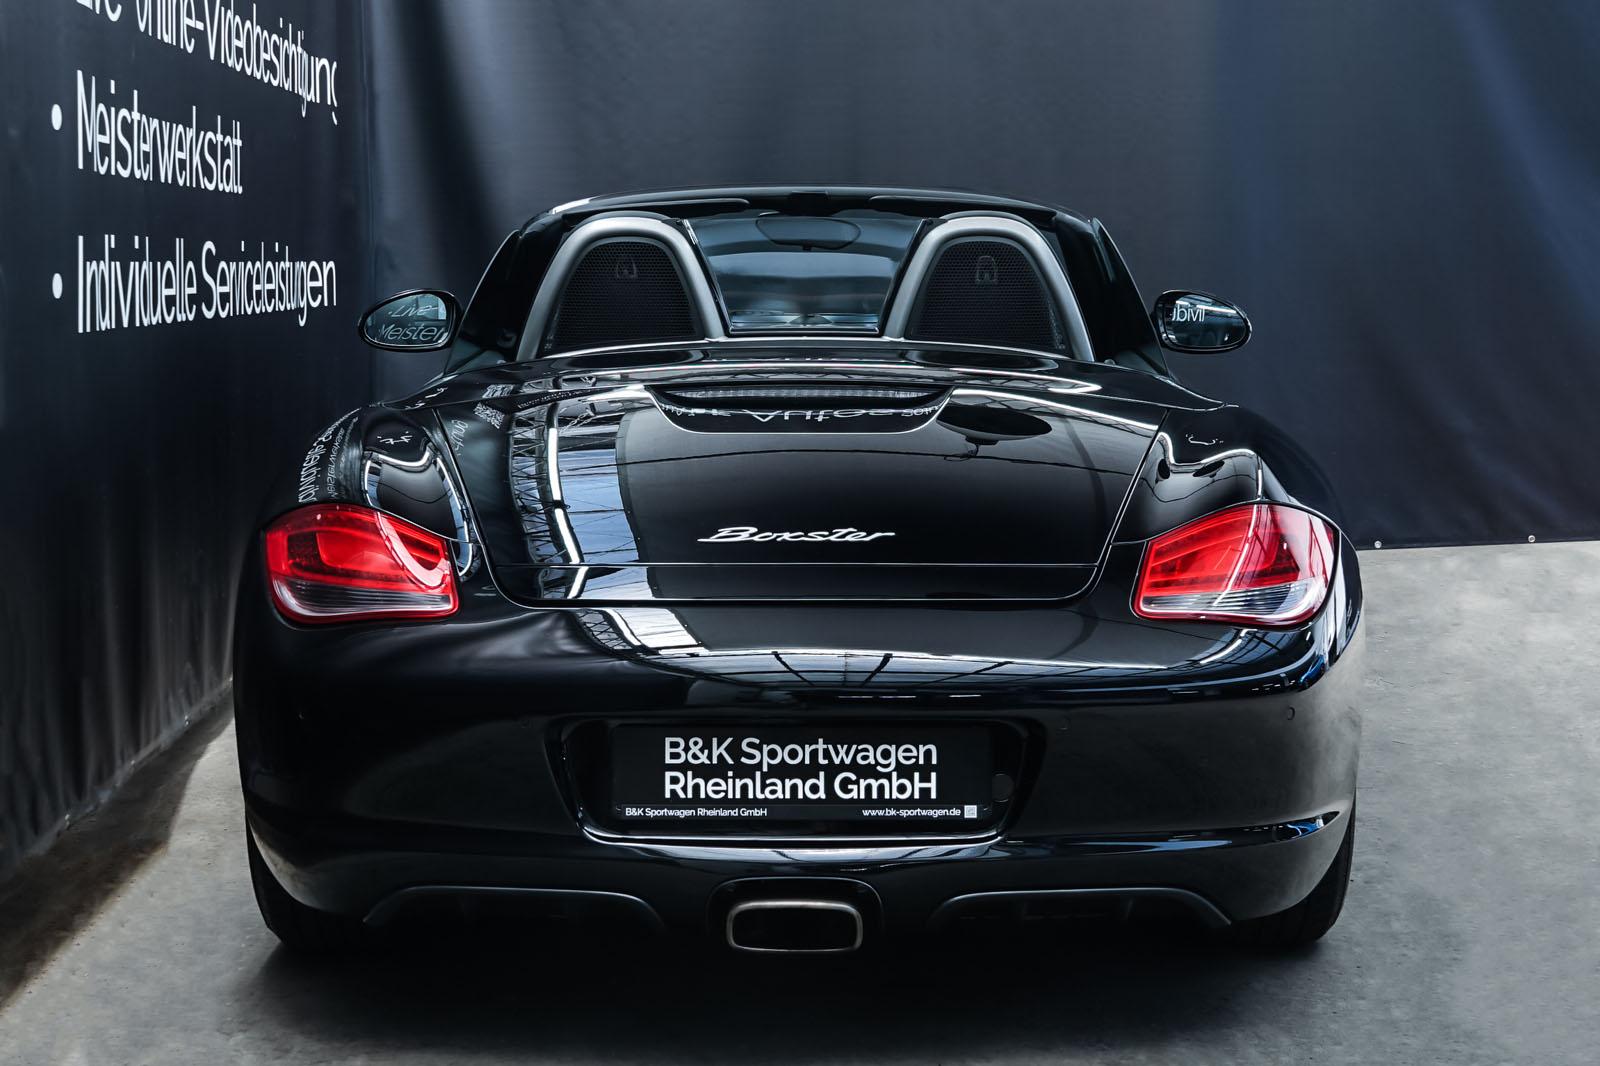 Porsche_Boxster_Schwarz_Schwarz_POR-0927_16_w